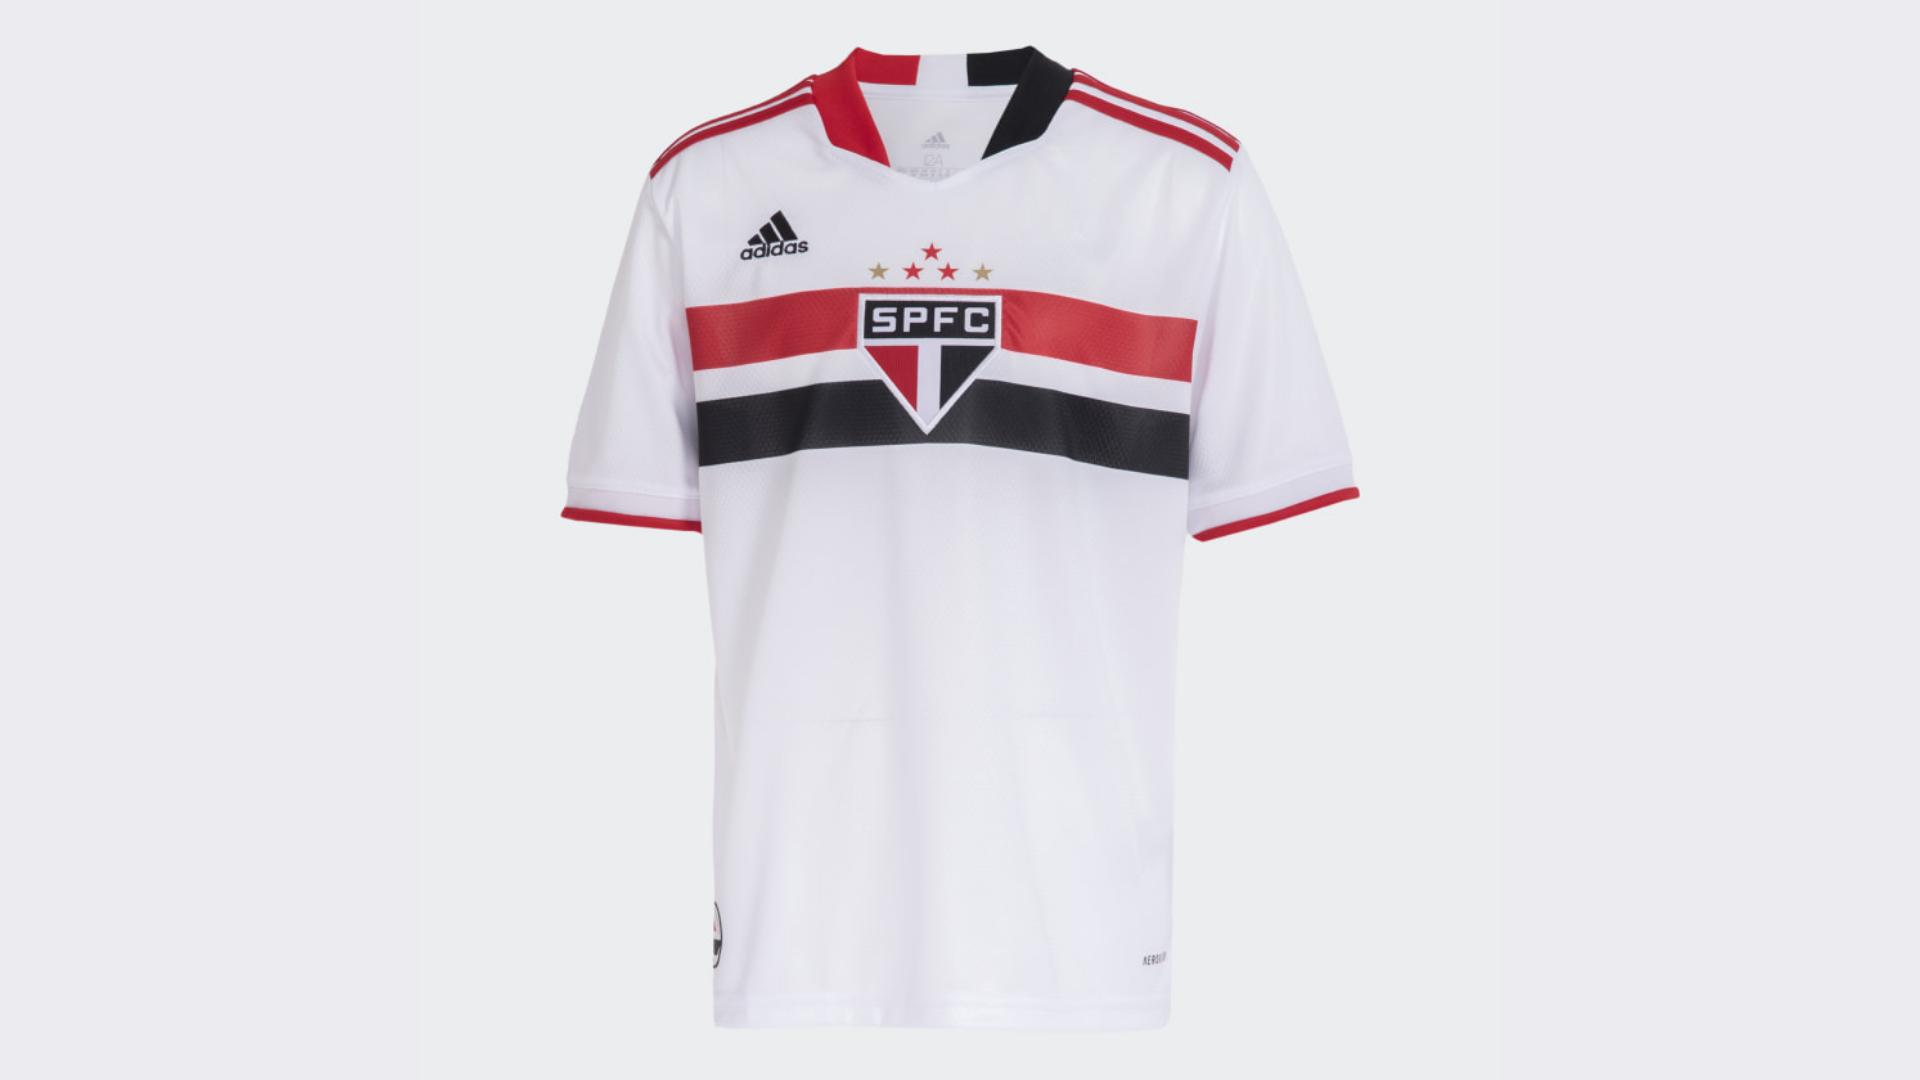 Camisa do São Paulo Infantil 2021 Adidas Jogo 1 (Imagem: Divulgação/Adidas)